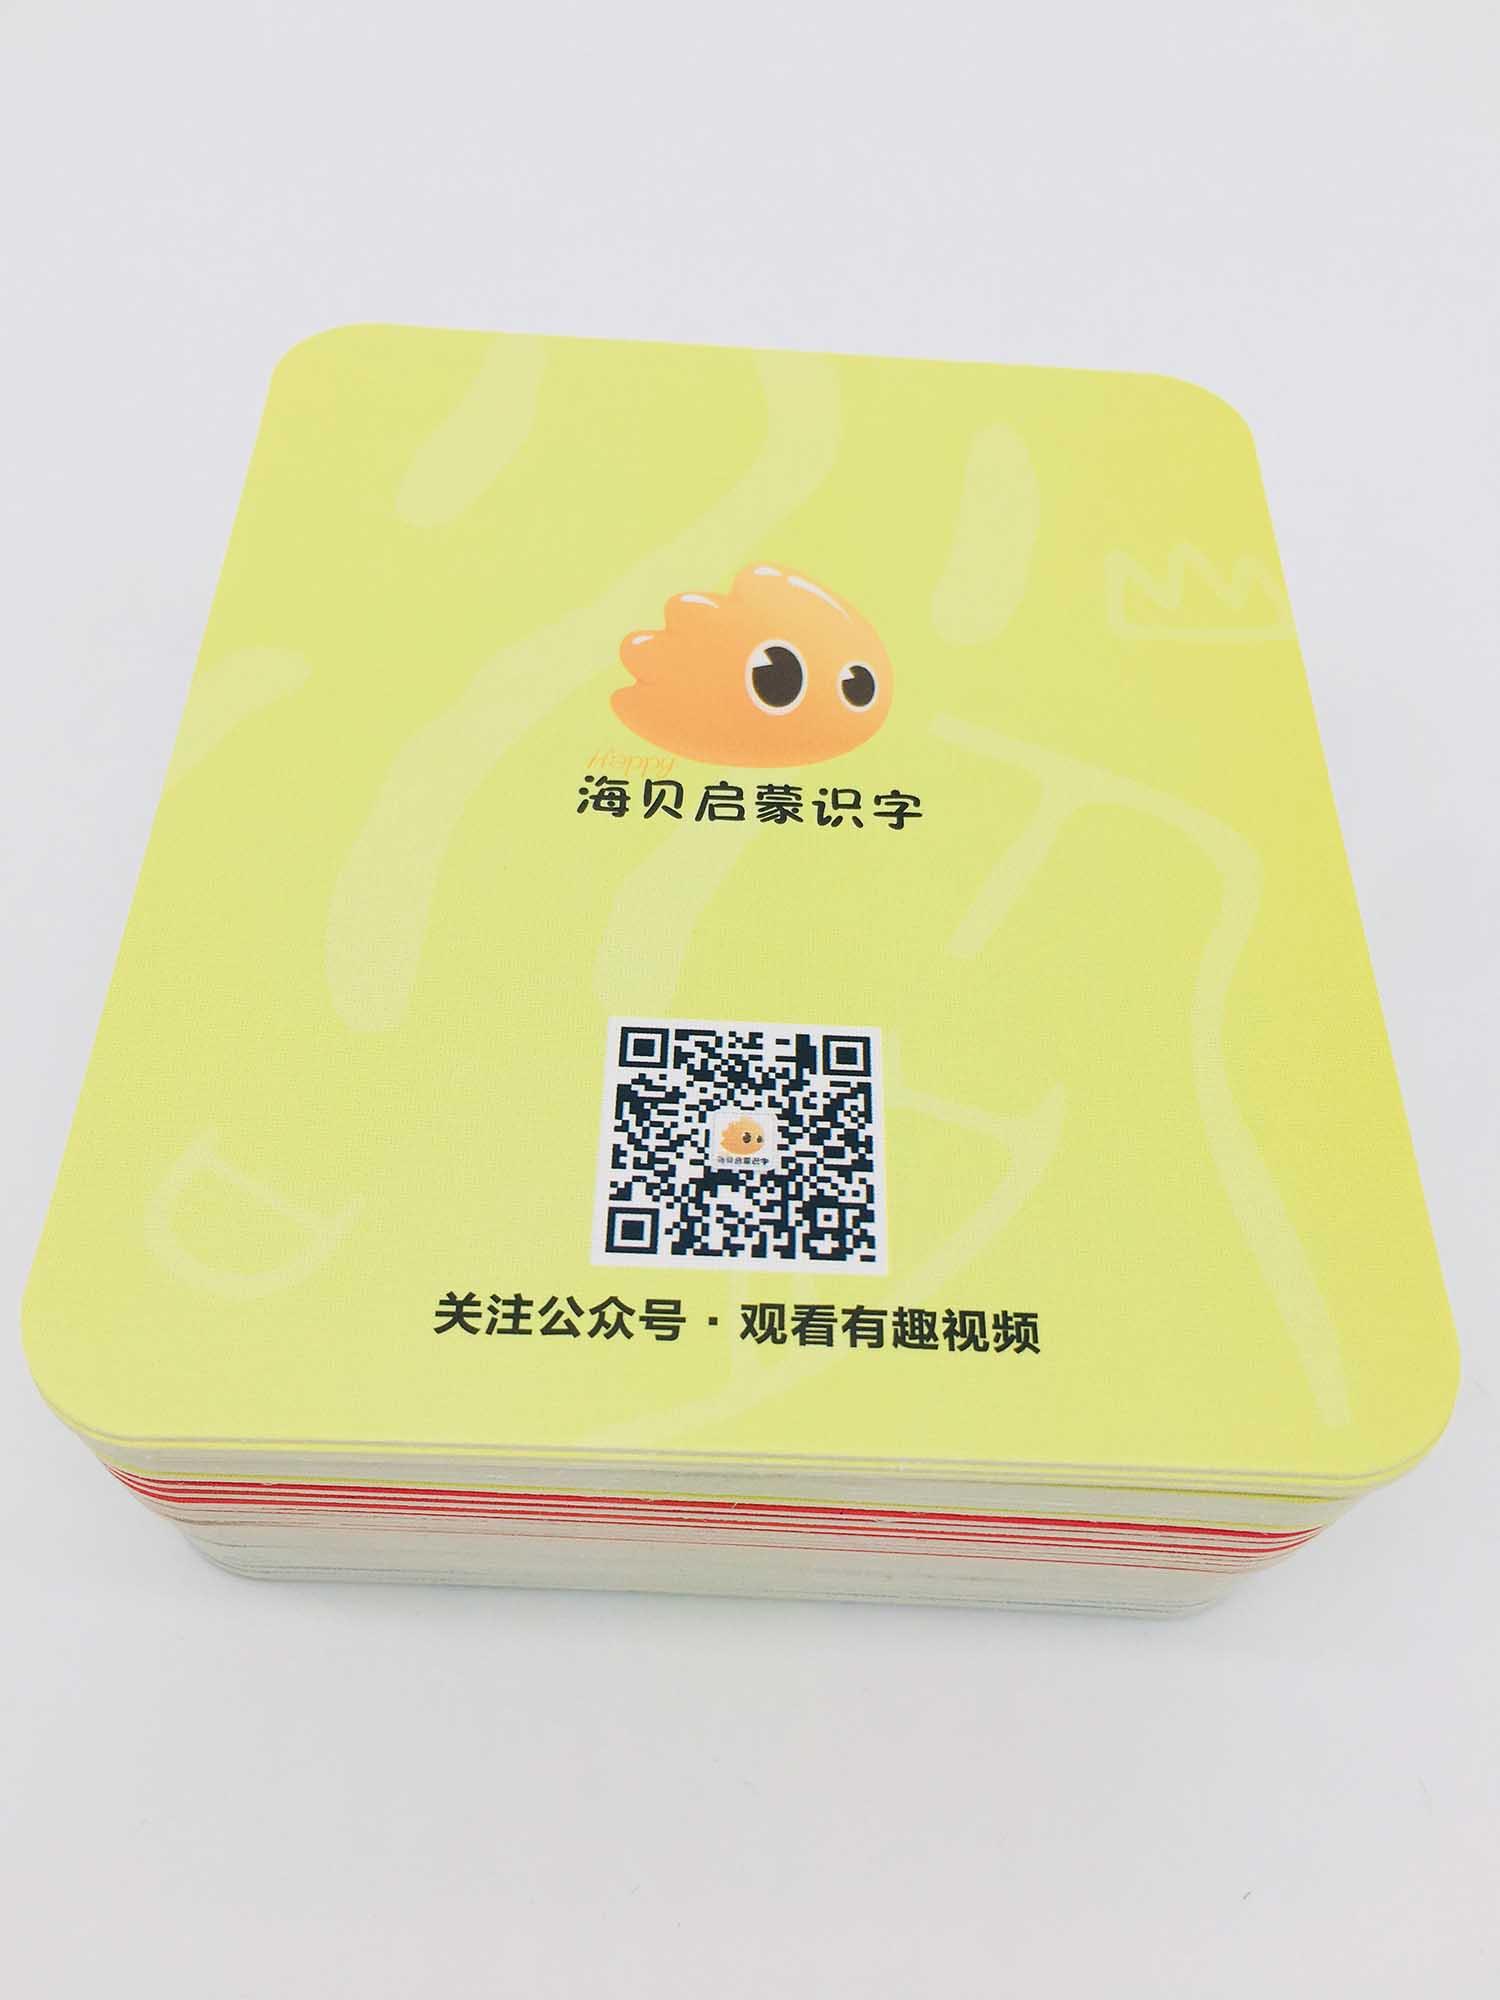 青河印刷厂画册样本宣传册定制